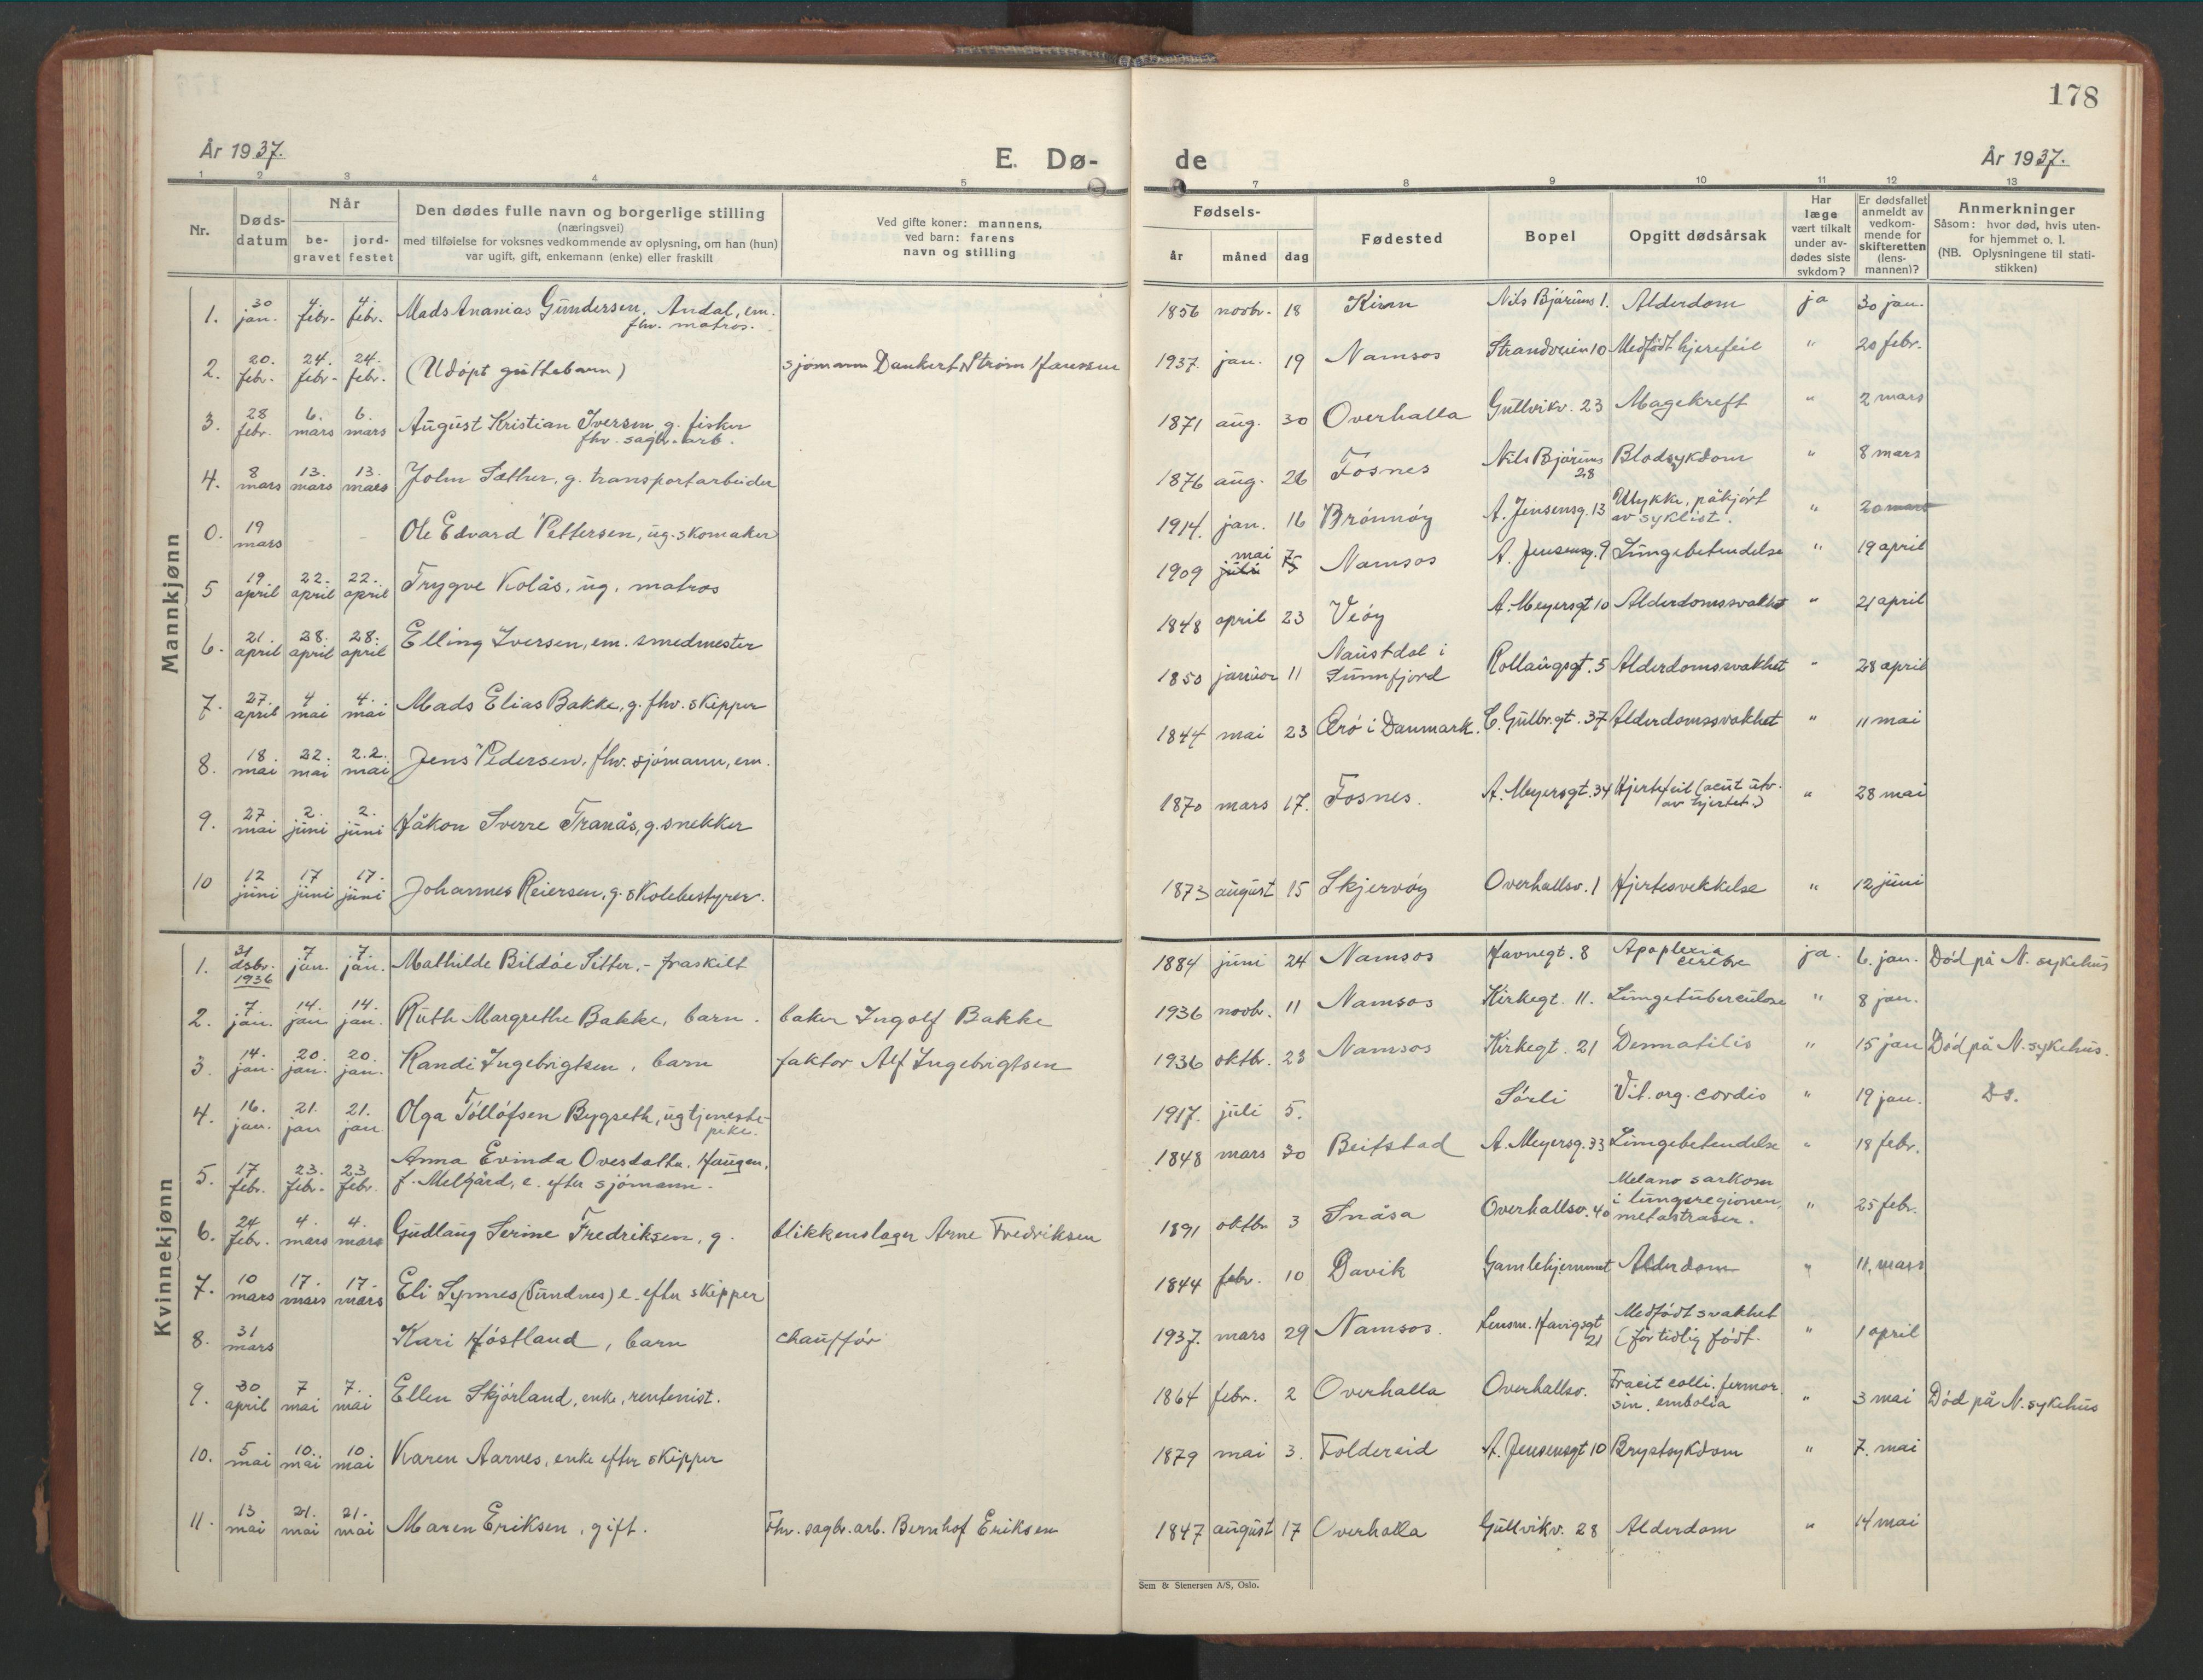 SAT, Ministerialprotokoller, klokkerbøker og fødselsregistre - Nord-Trøndelag, 768/L0583: Klokkerbok nr. 768C01, 1928-1953, s. 178